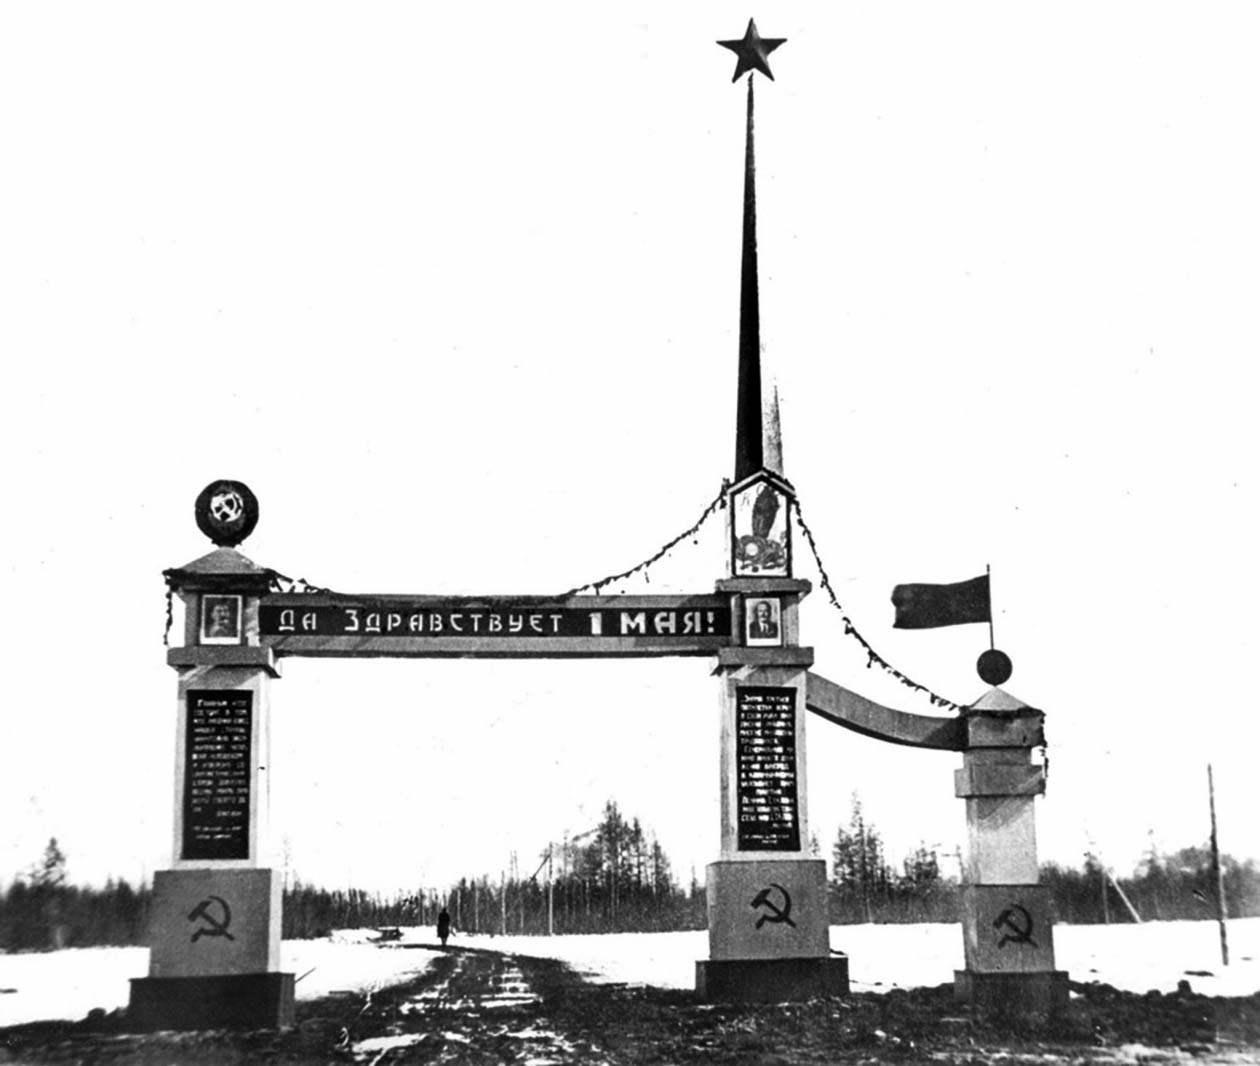 Вход на территорию Колымской опытной станции (КОС). 1939 год. Из Архива Ивана Паникарова.